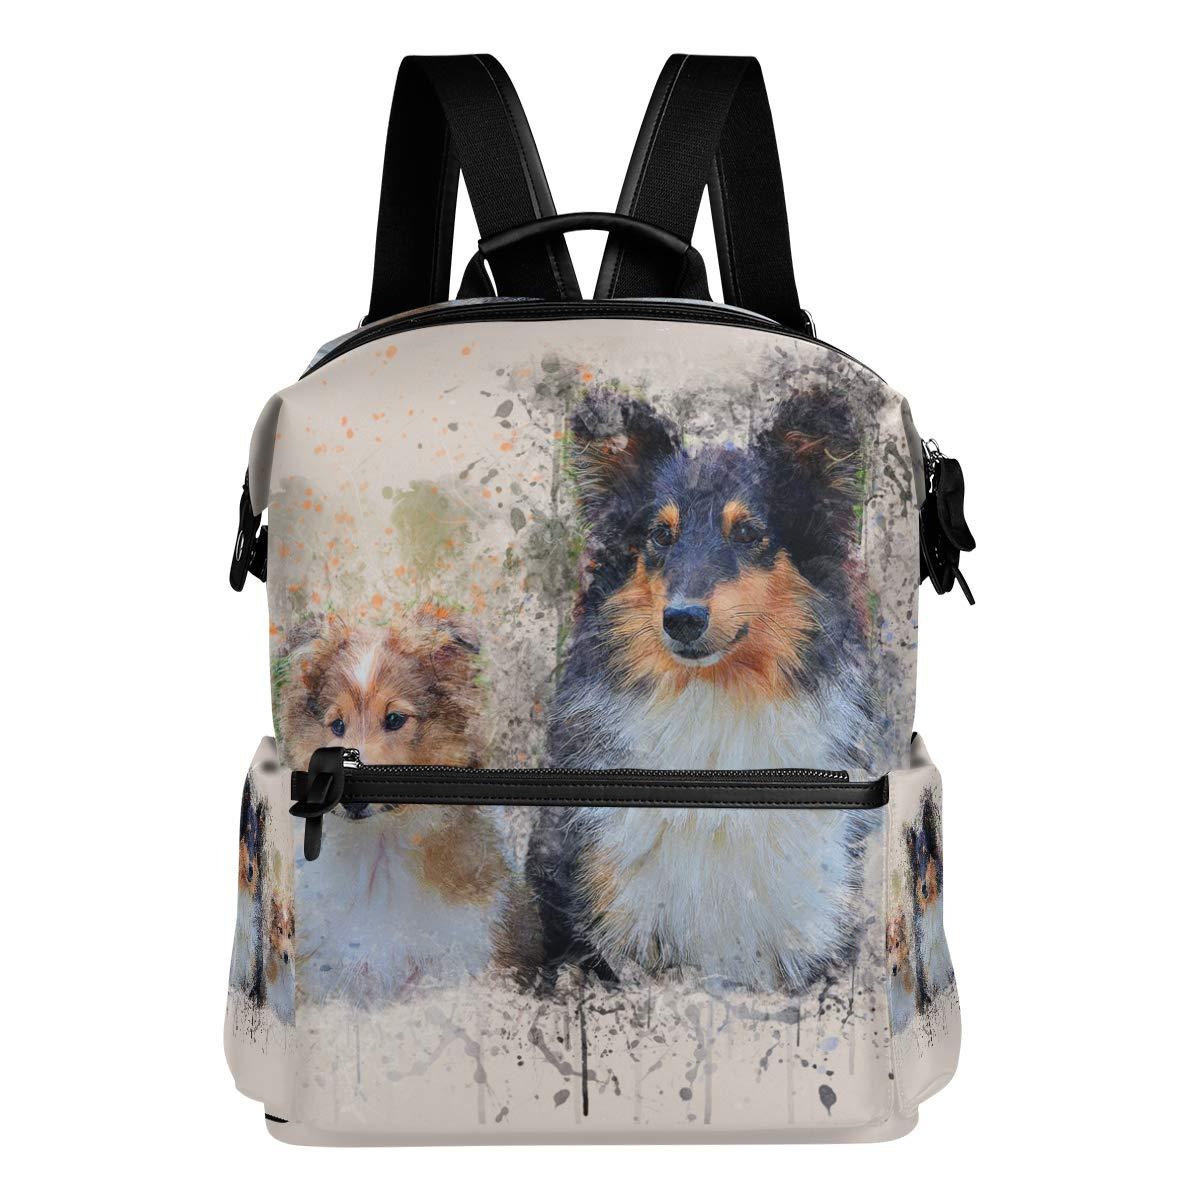 9cdf6a2f45 FAJRO - - - Zaino da viaggio per la scuola, motivo cani e acquerelli 767ff6